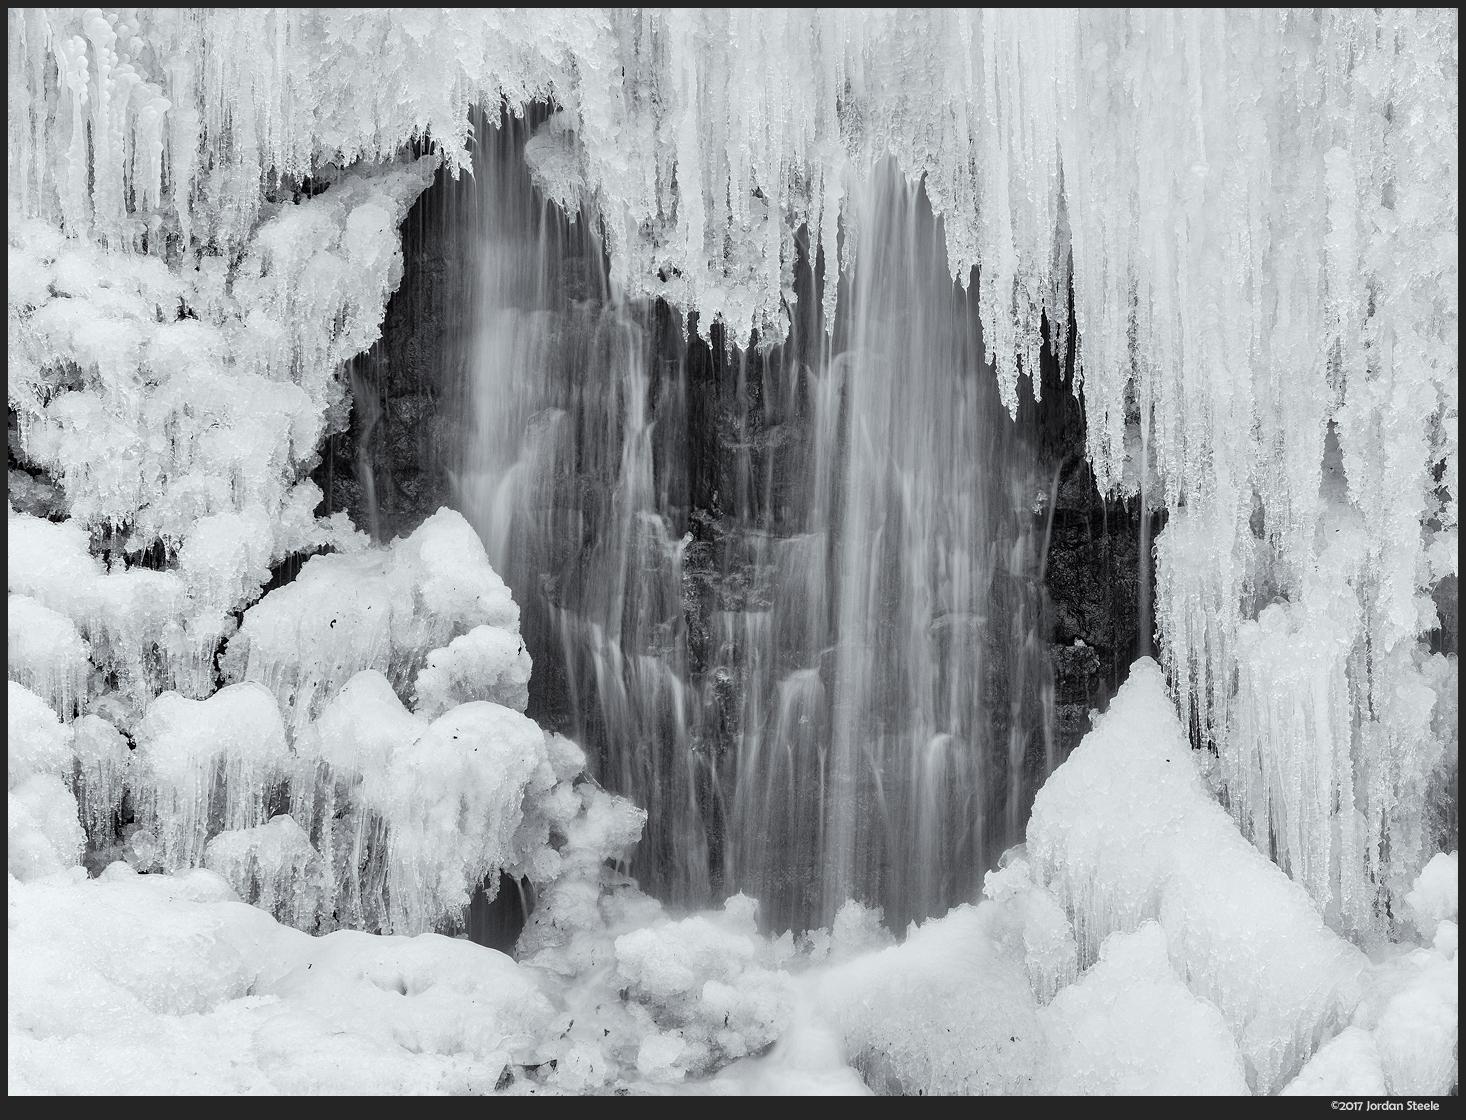 Ice Falls - Fujifilm X-T2 with Fujinon XF 55-200mm f/3.5-4.8 @